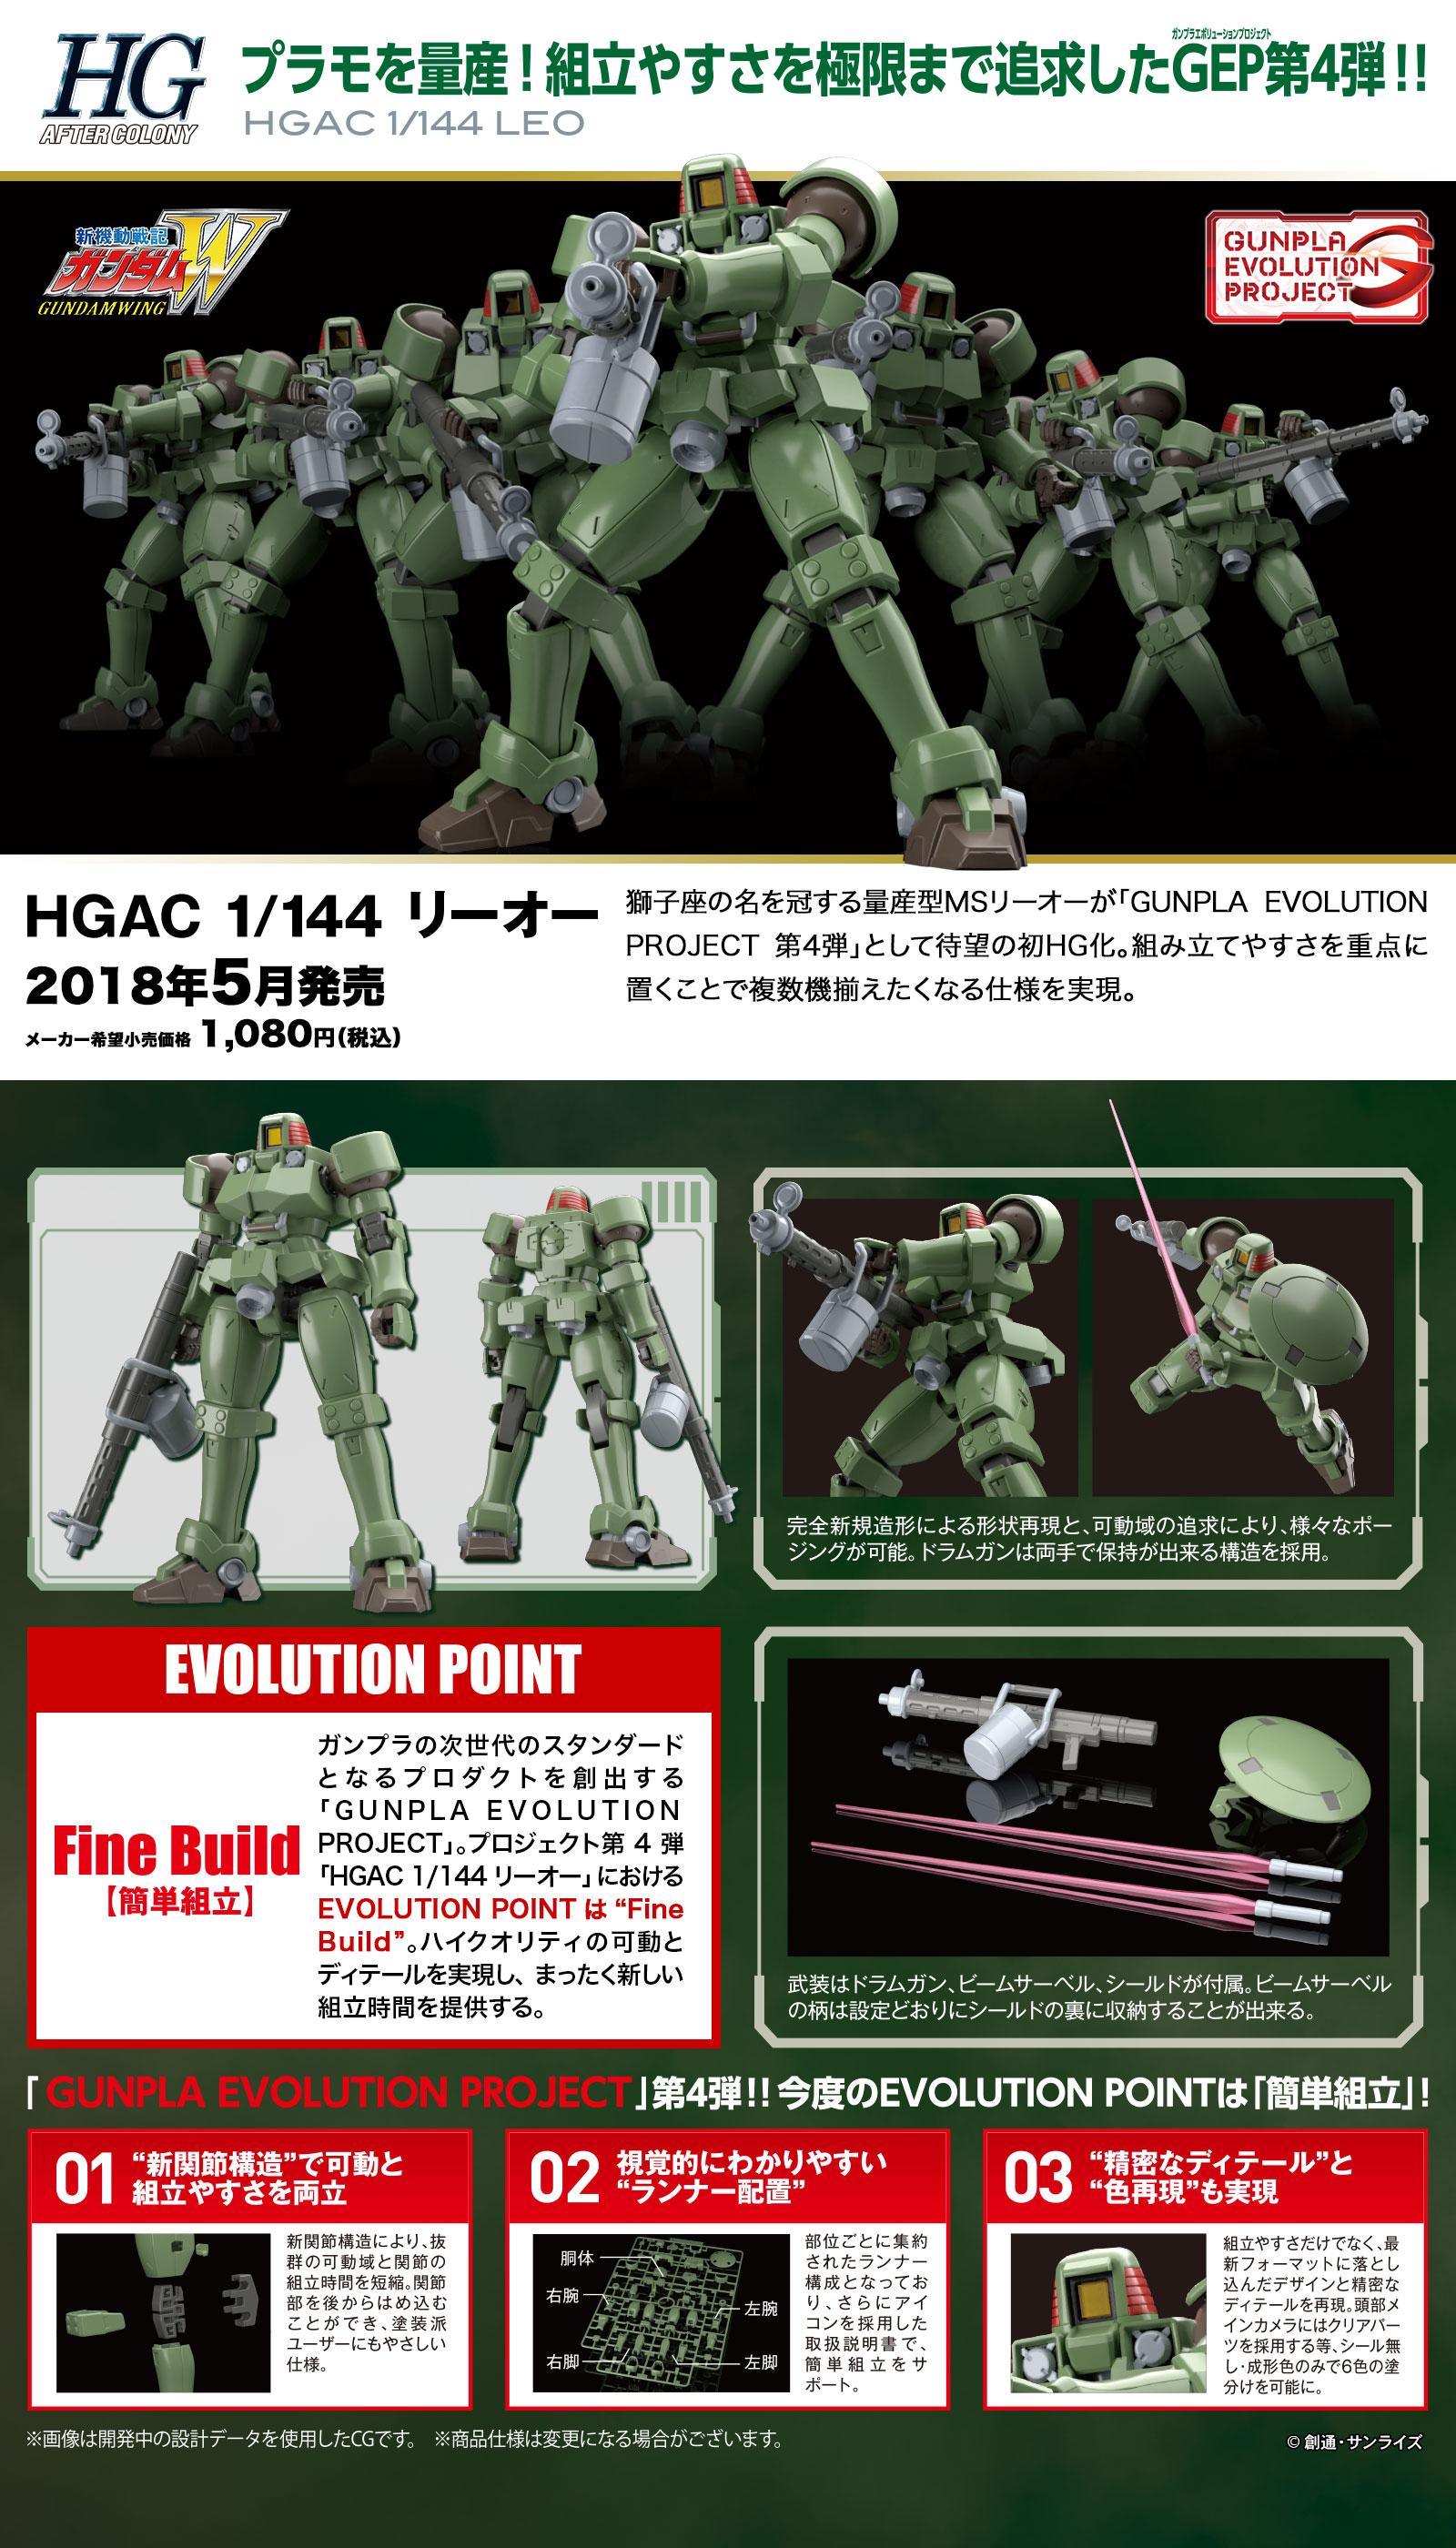 HGAC 211 1/144 OZ-06MS リーオー 公式商品説明(画像)